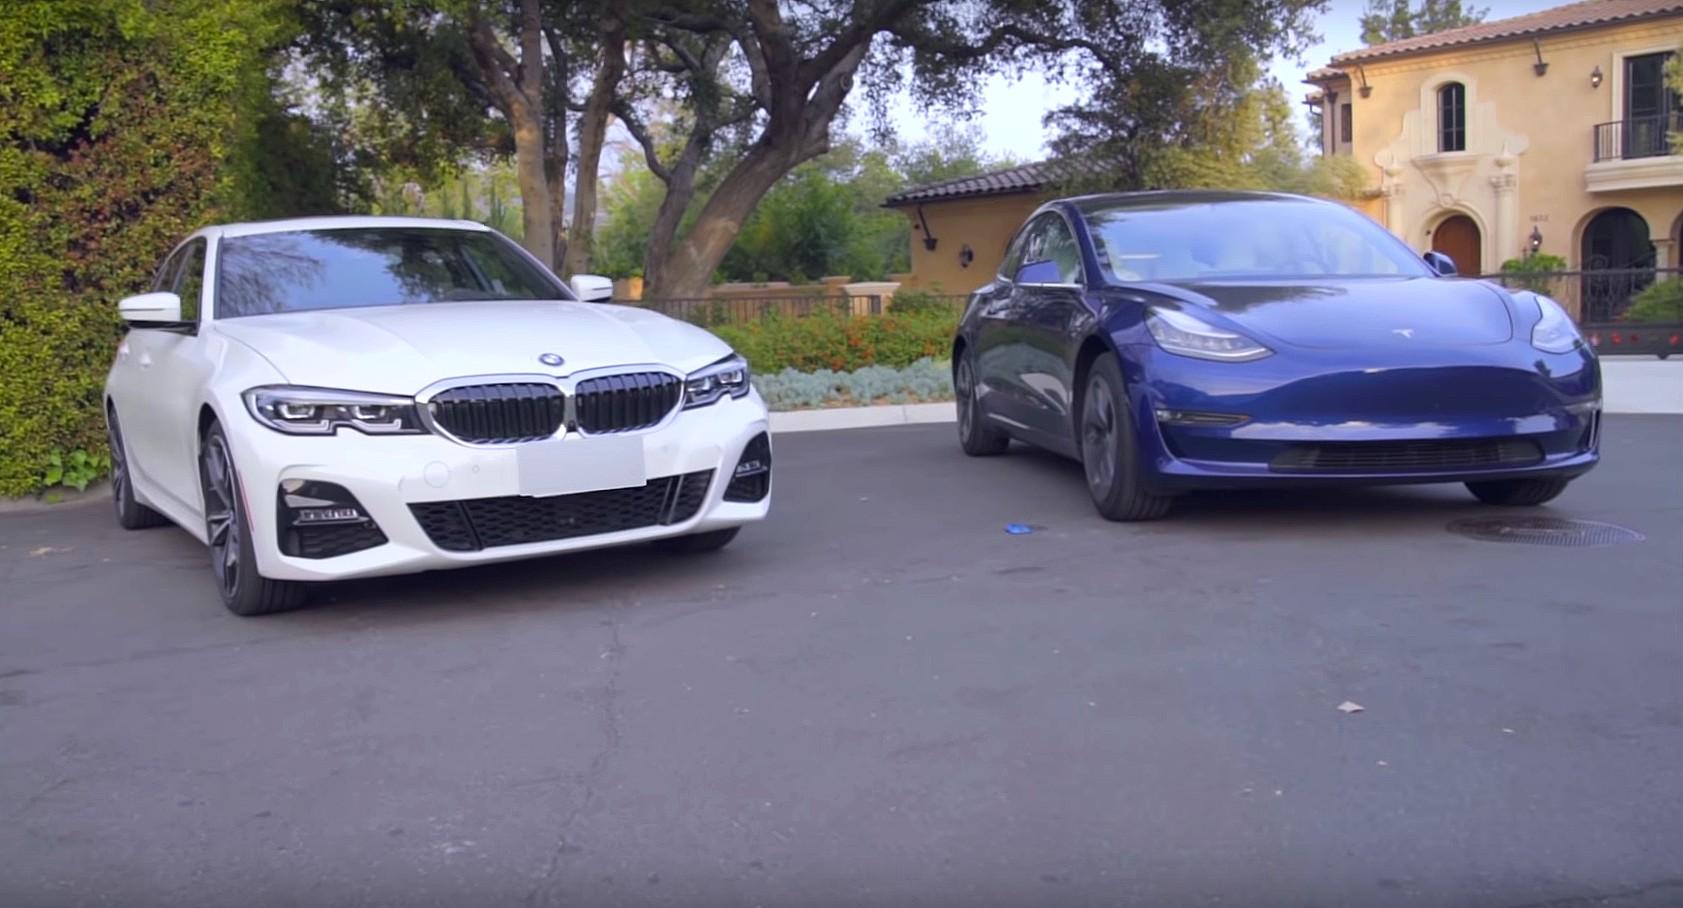 tesla-vs-bmw-autopark-test-1